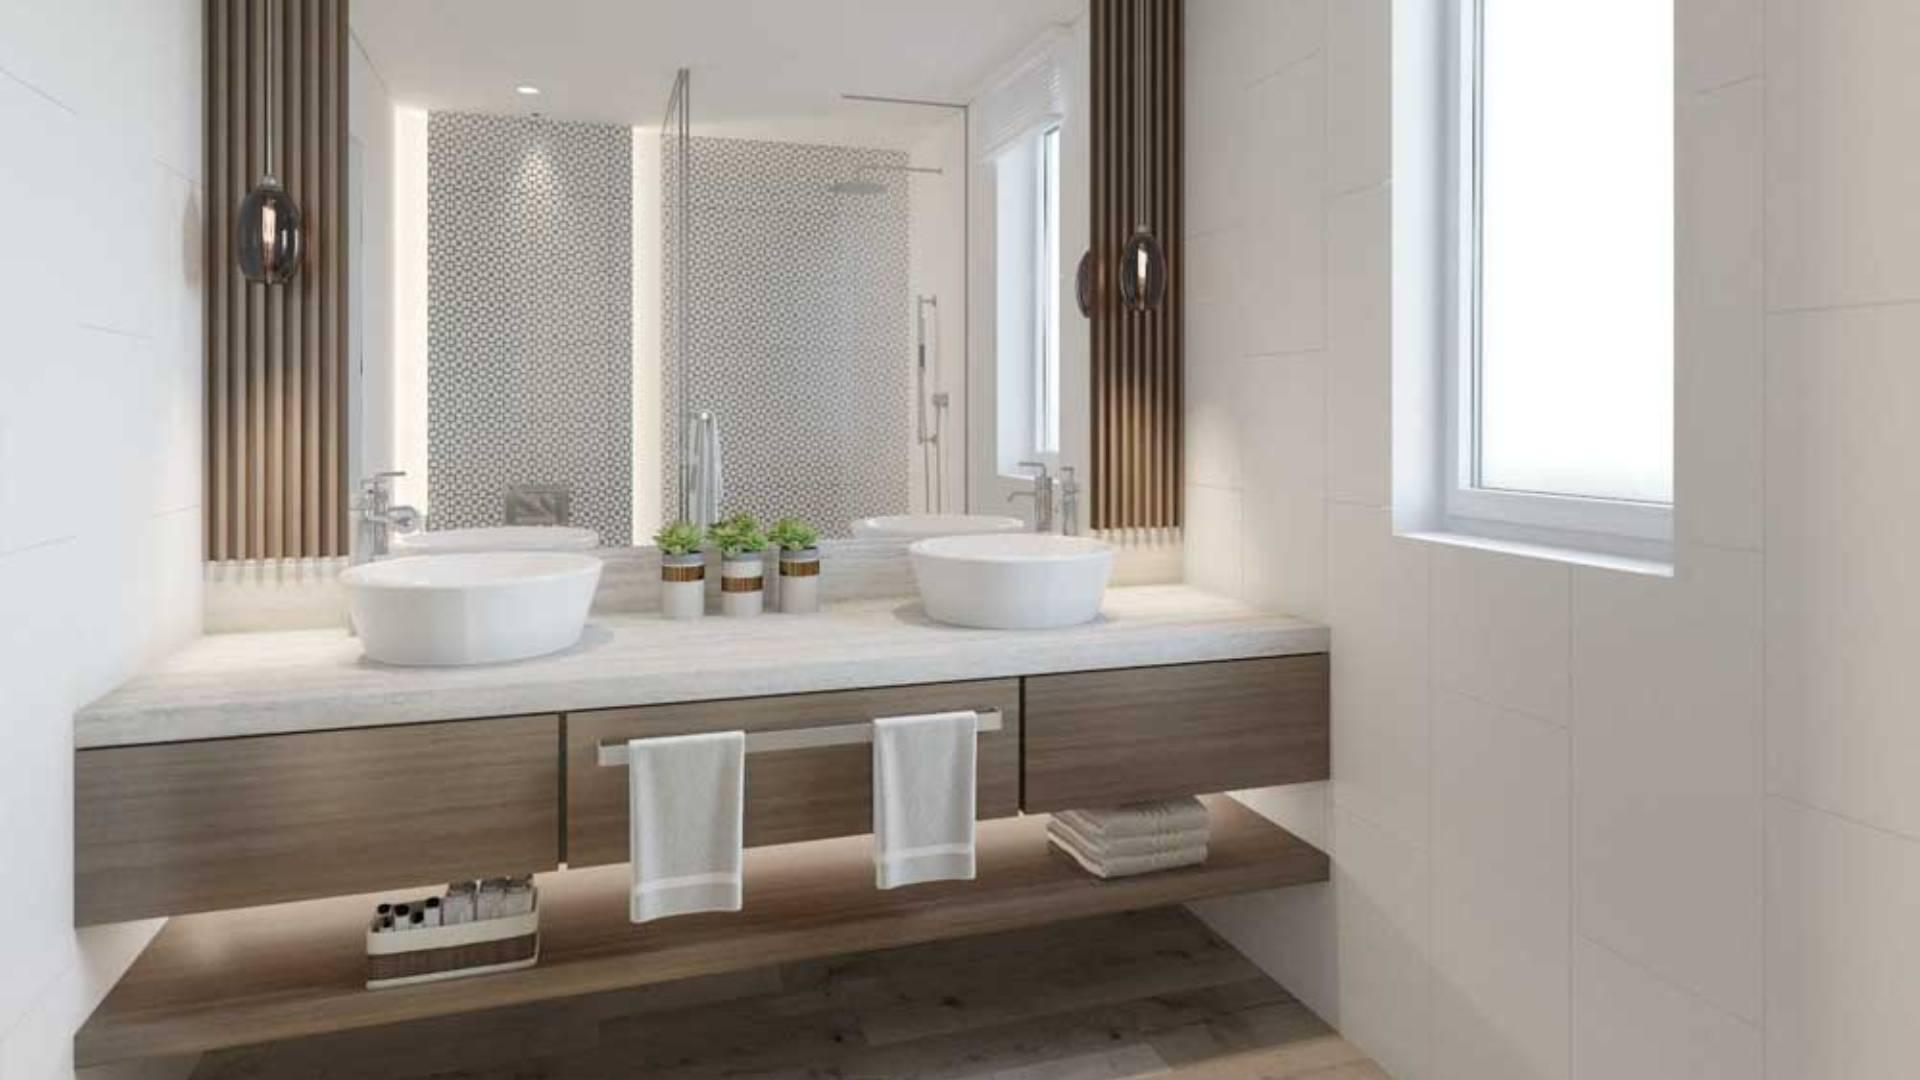 Adosado en venta en Dubai, EAU, 4 dormitorios, 271 m2, № 24307 – foto 4